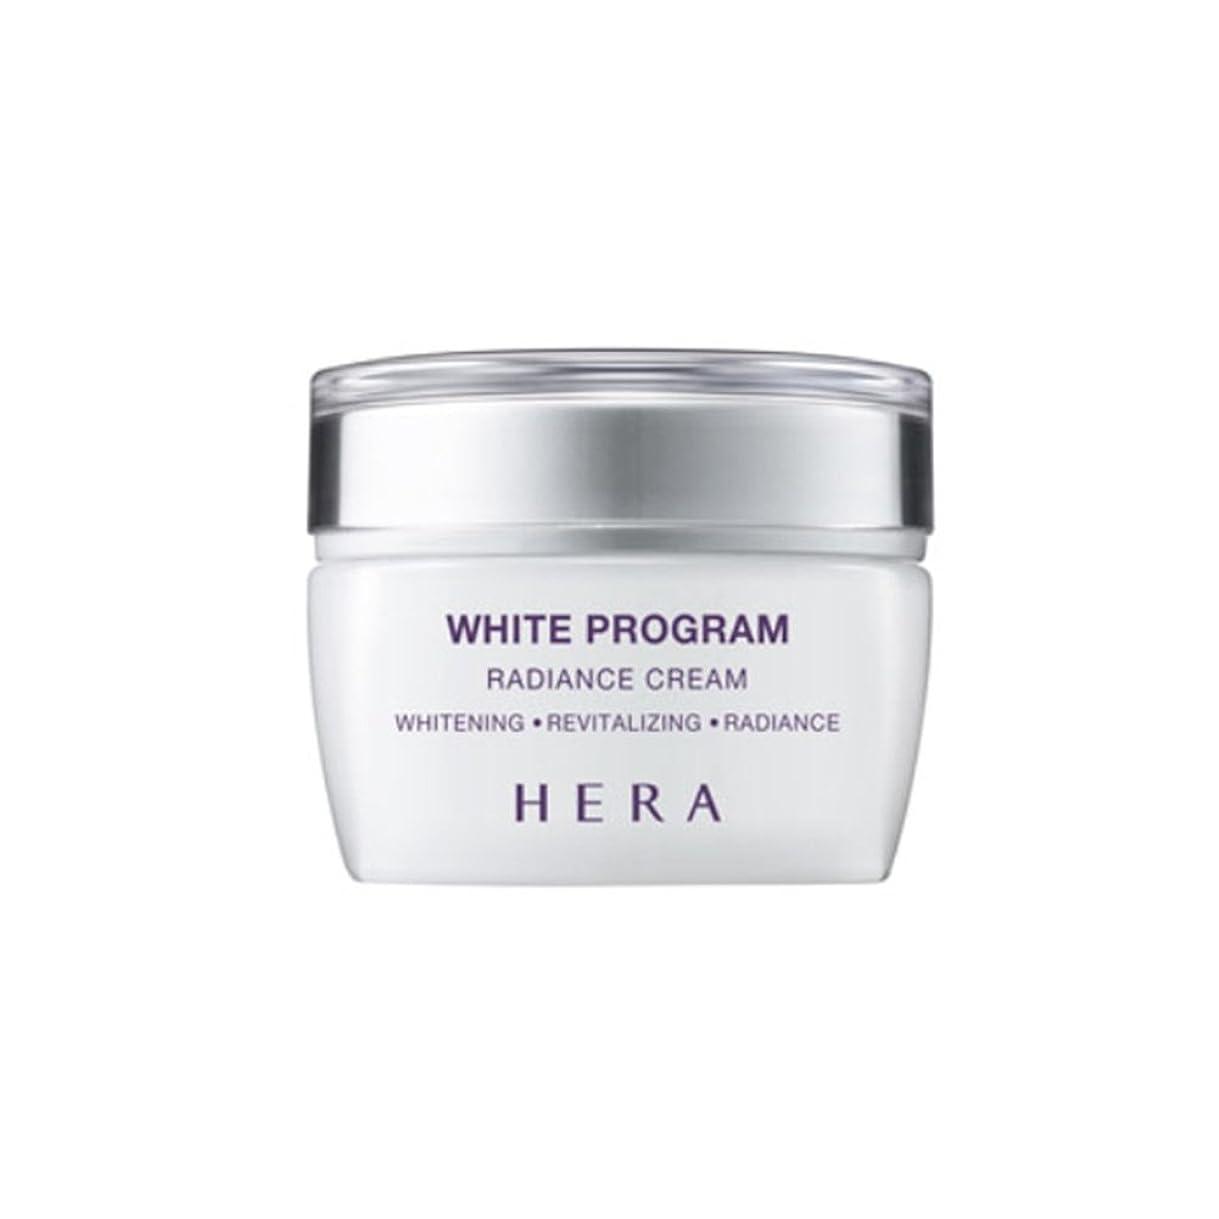 (ヘラ)HERA White Program Radiance Cream ホワイトプログラムラディアンス クリーム (韓国直送品) OOPSPANDA